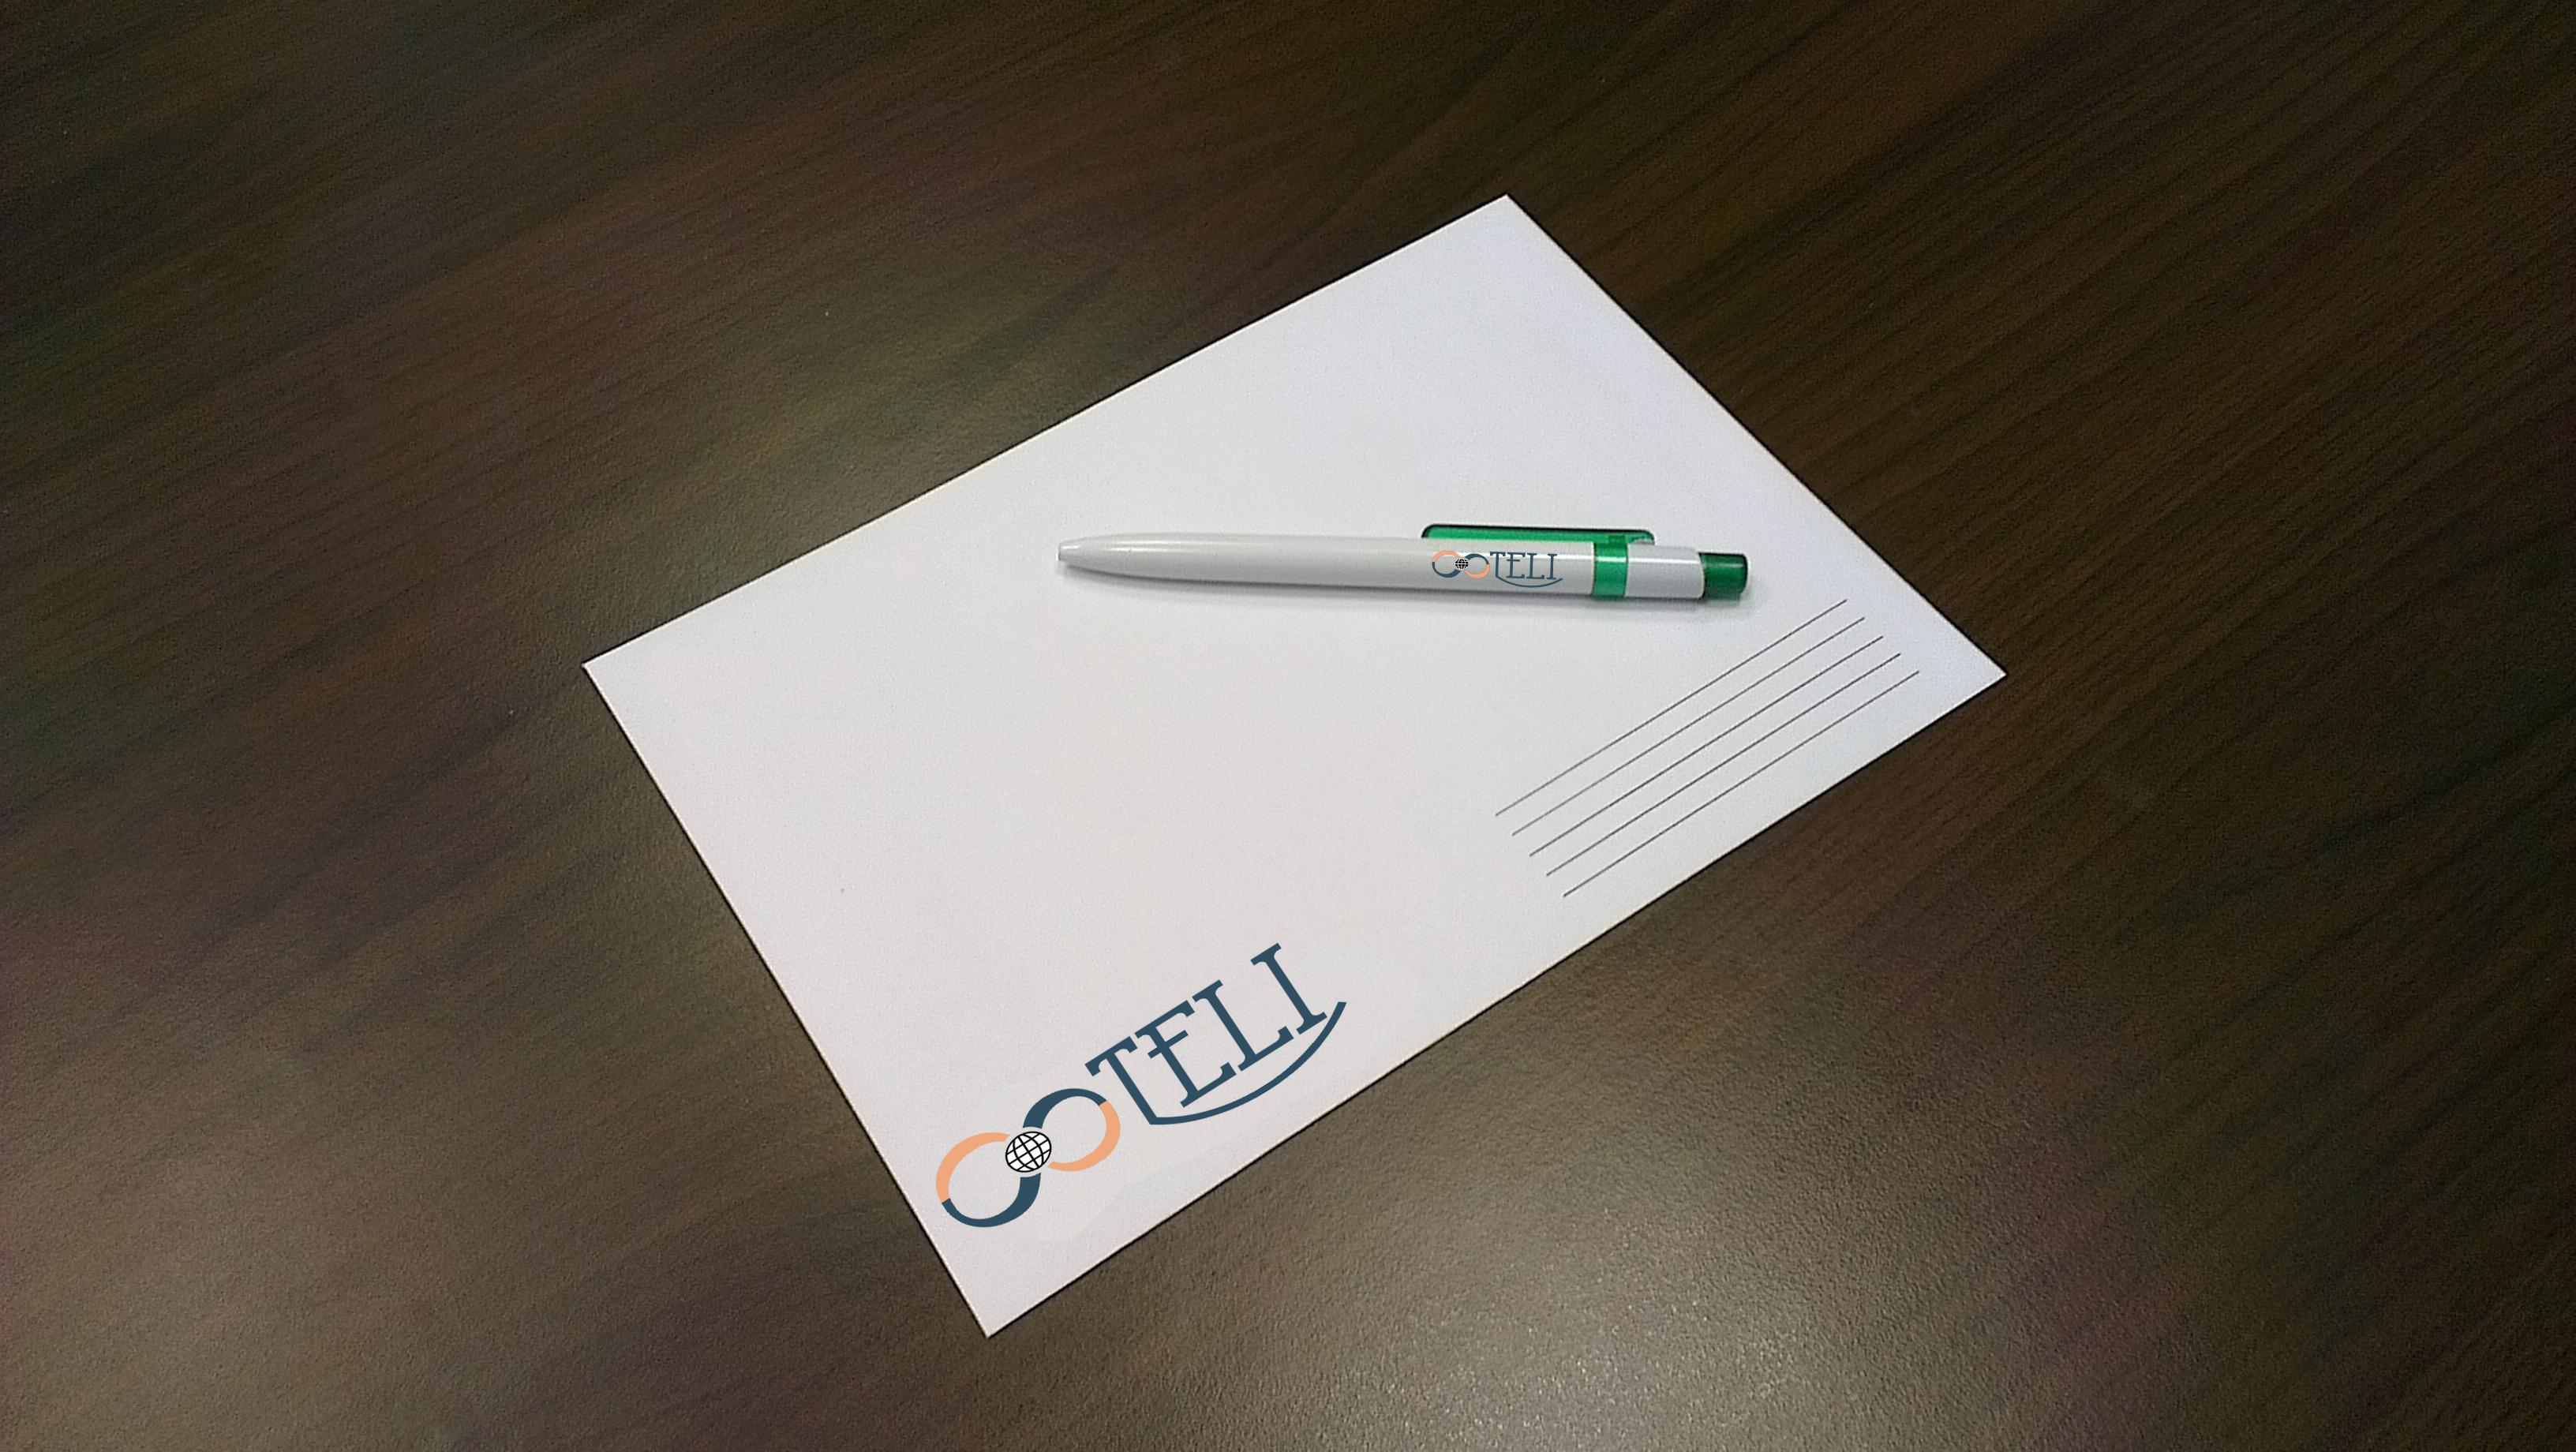 Разработка логотипа и фирменного стиля фото f_67258f912be5ddb8.jpg